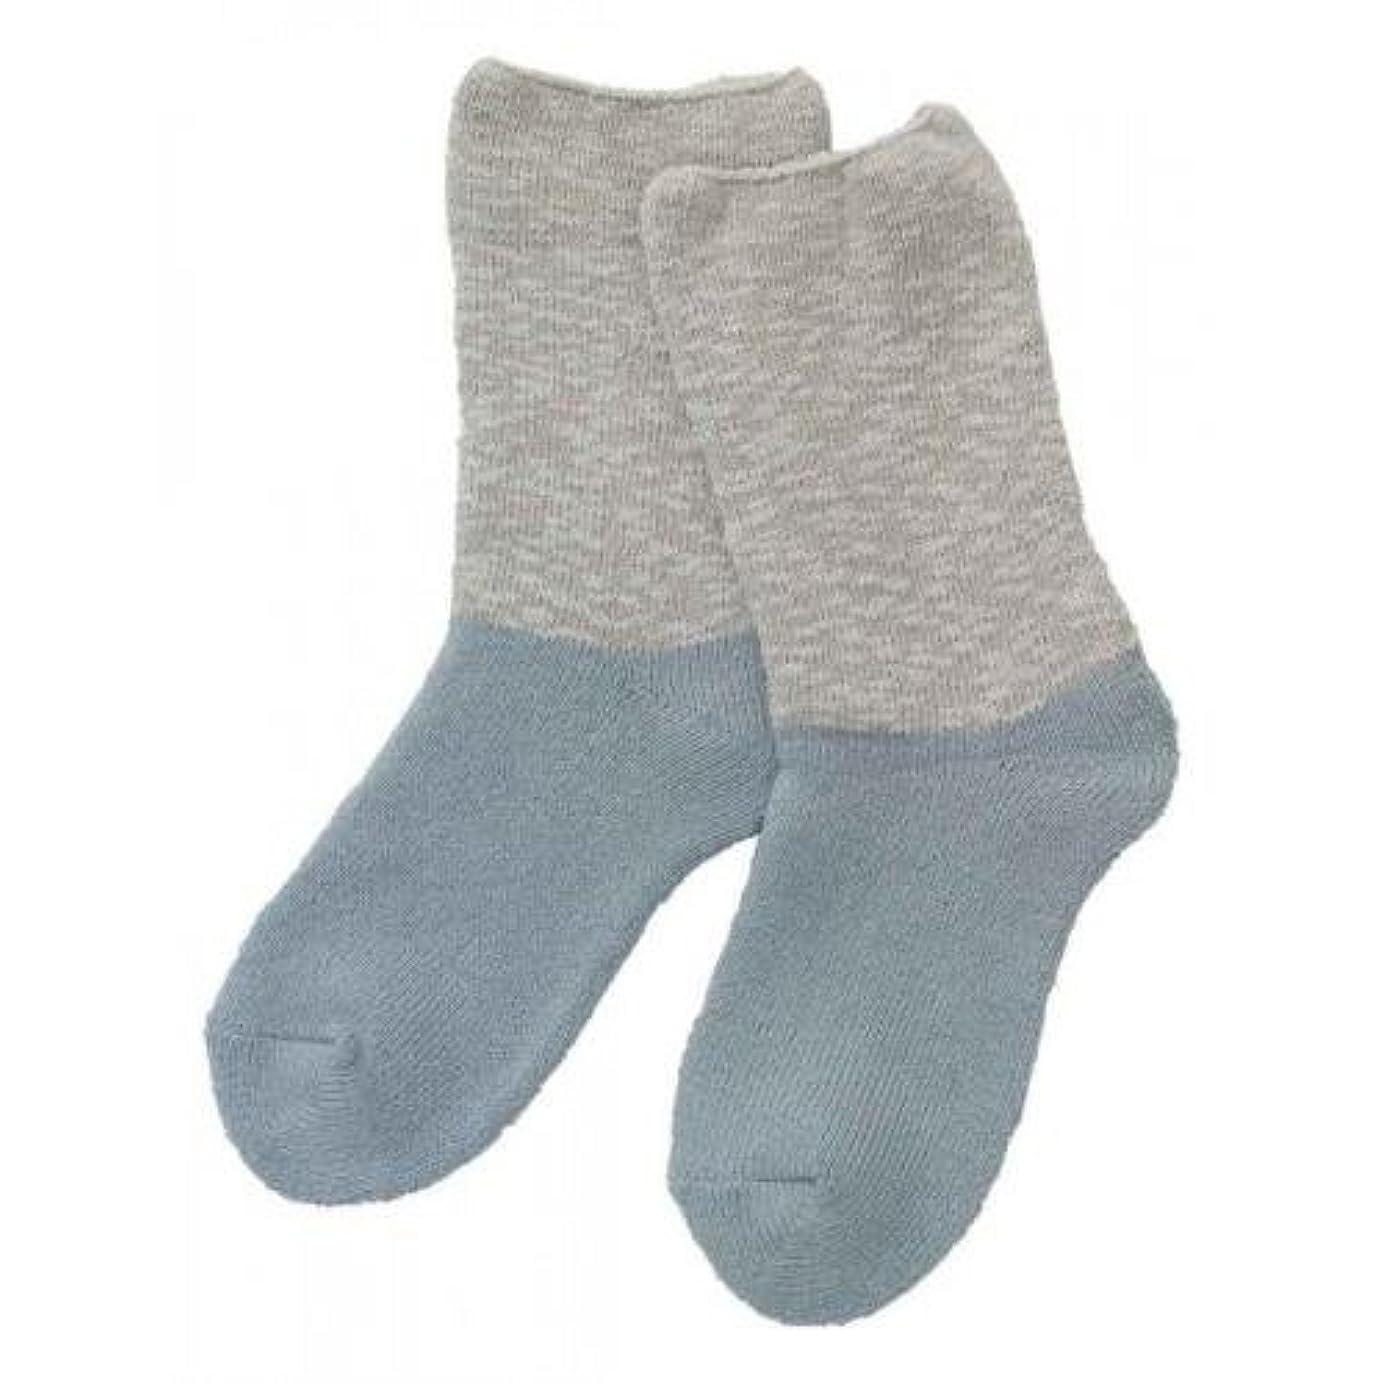 湿気の多い起こるお別れCarelance(ケアランス)お風呂上りのやさしい靴下 綿麻パイルで足先さわやか 8706CA-70 ブルー